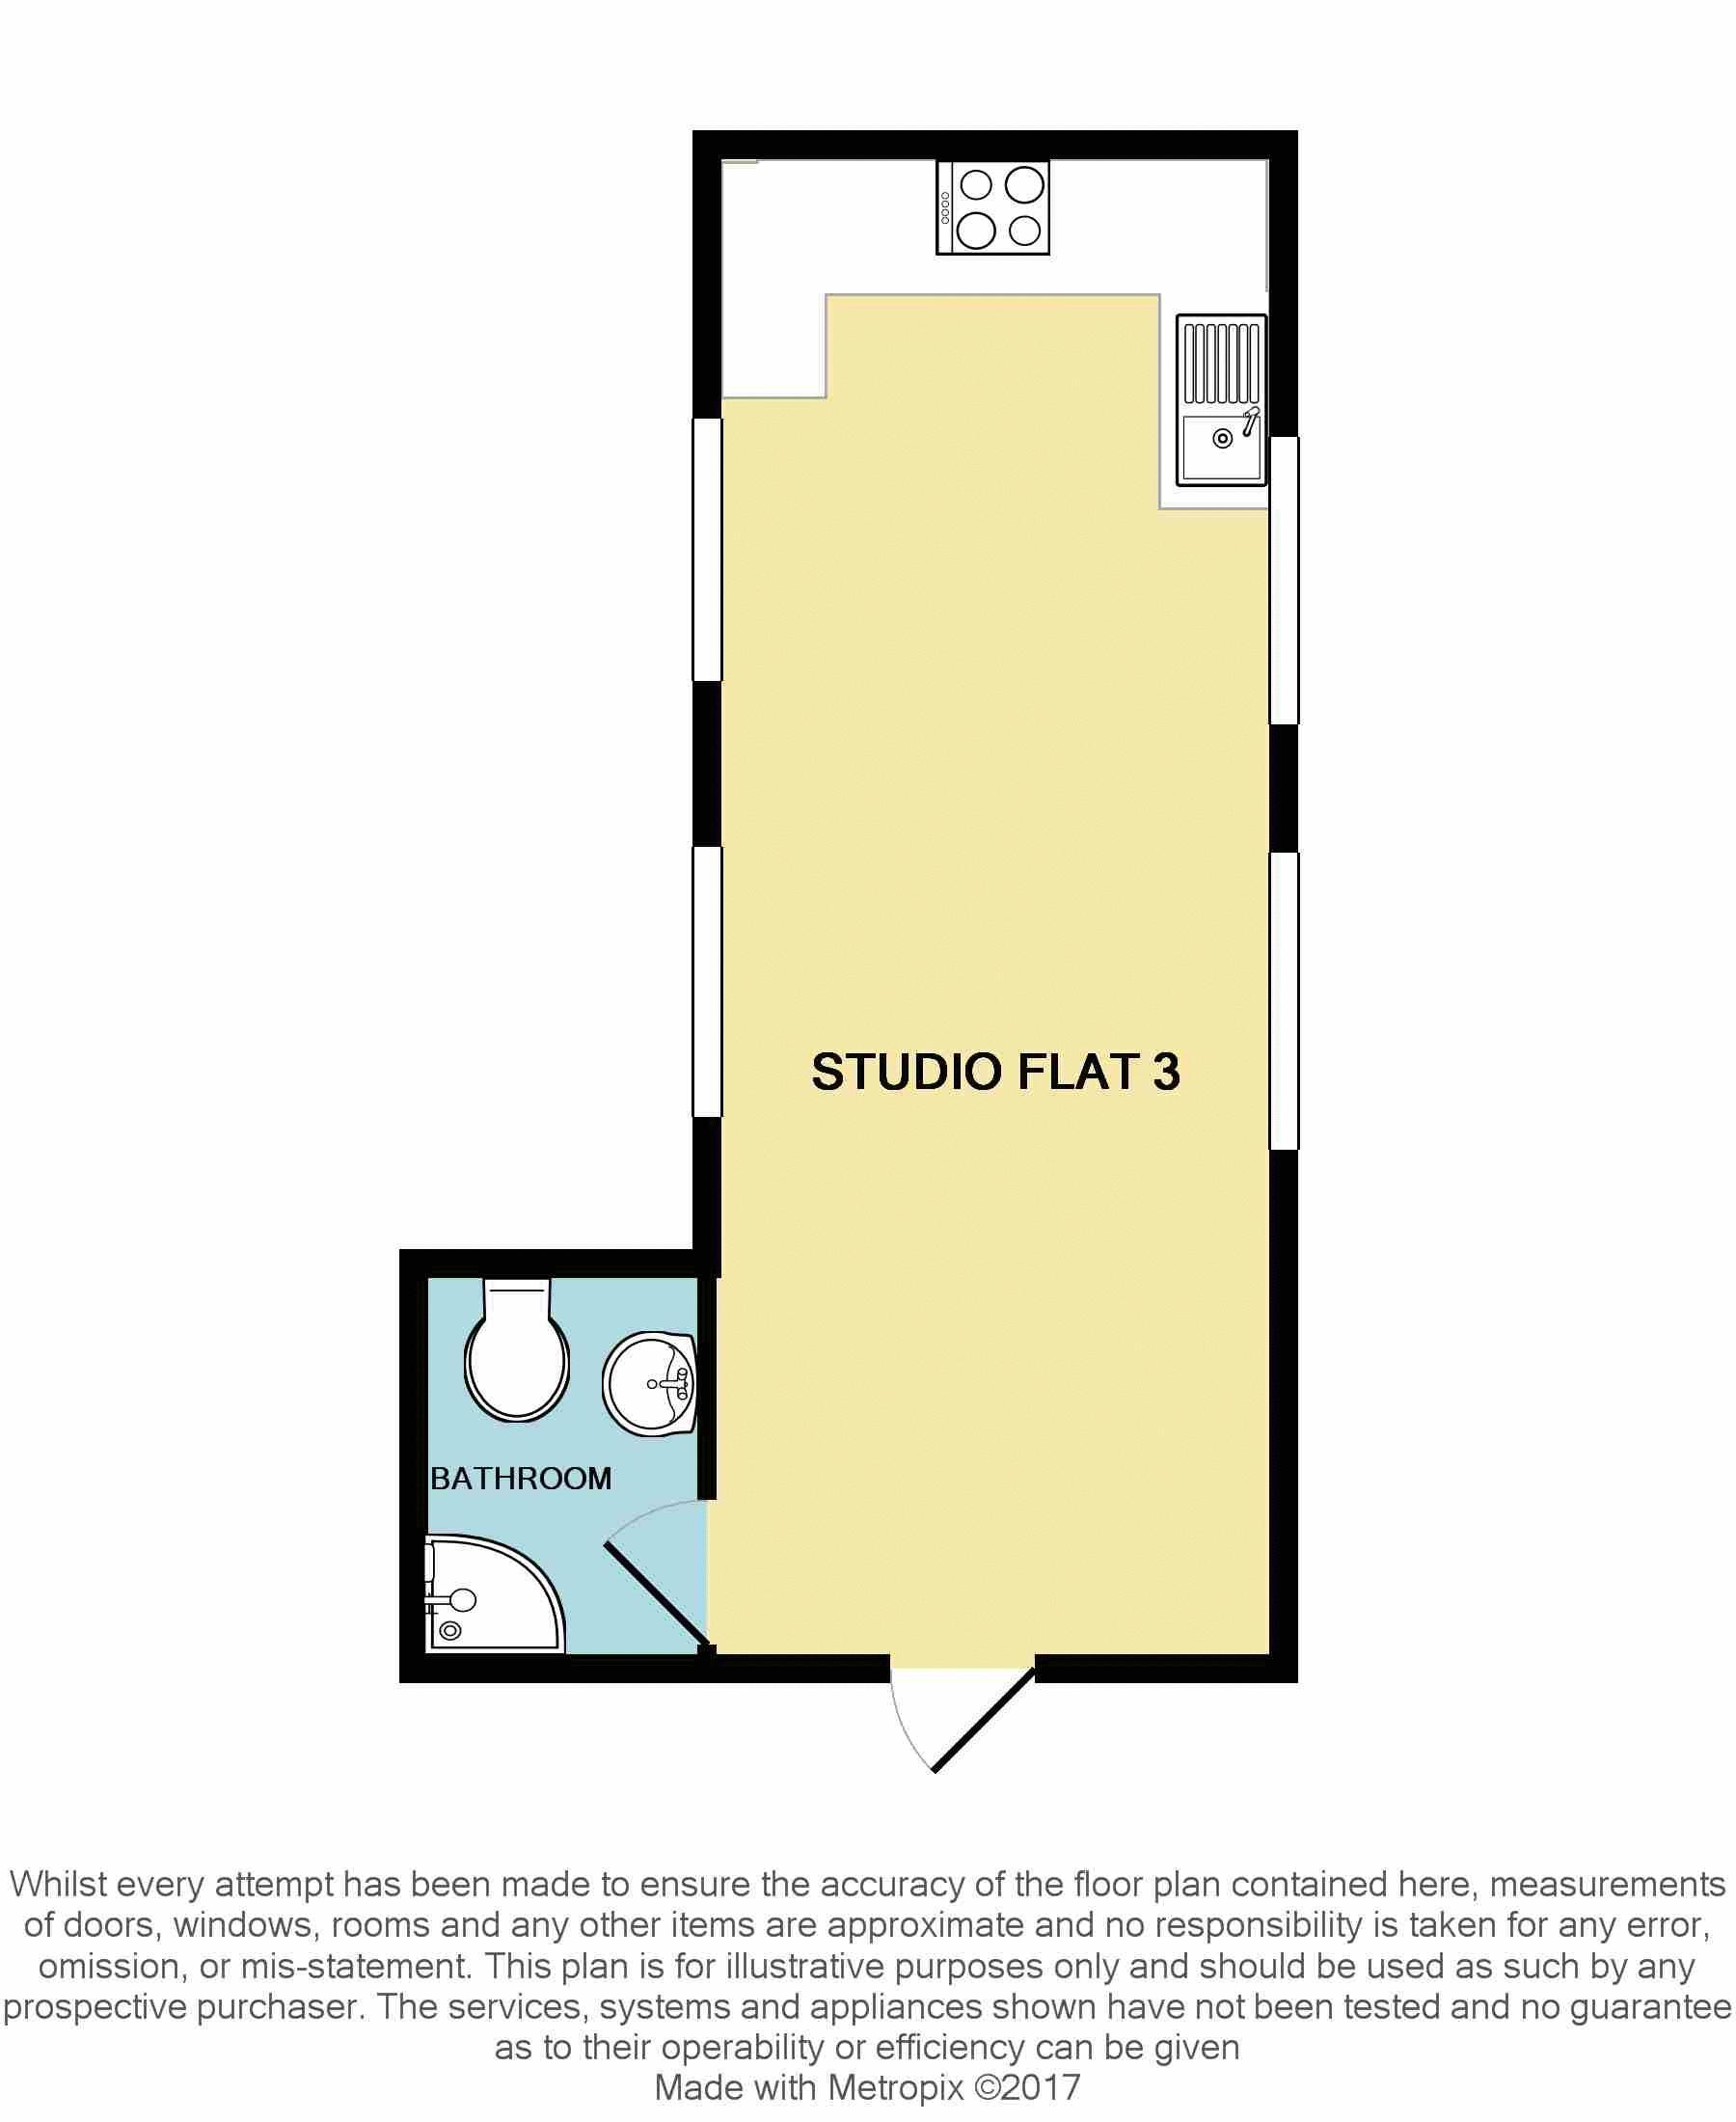 136-137 High Street Flat 3